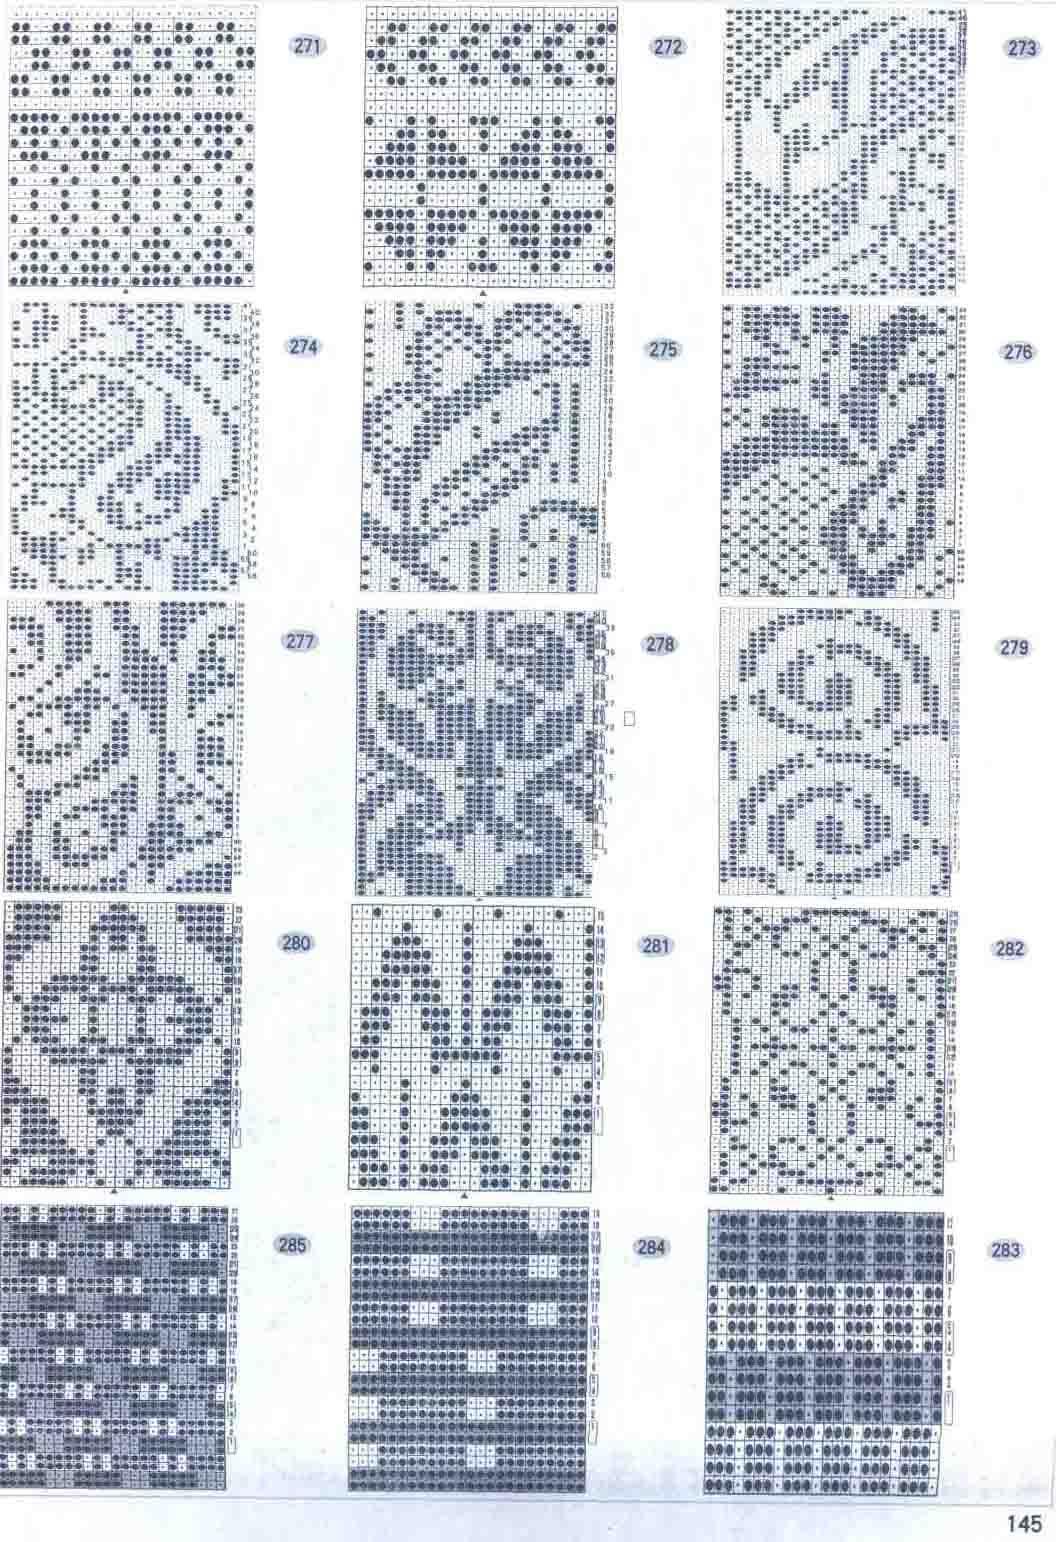 схемы орнаментов для детского вязание на однофантурных вязальных машин 5 класса